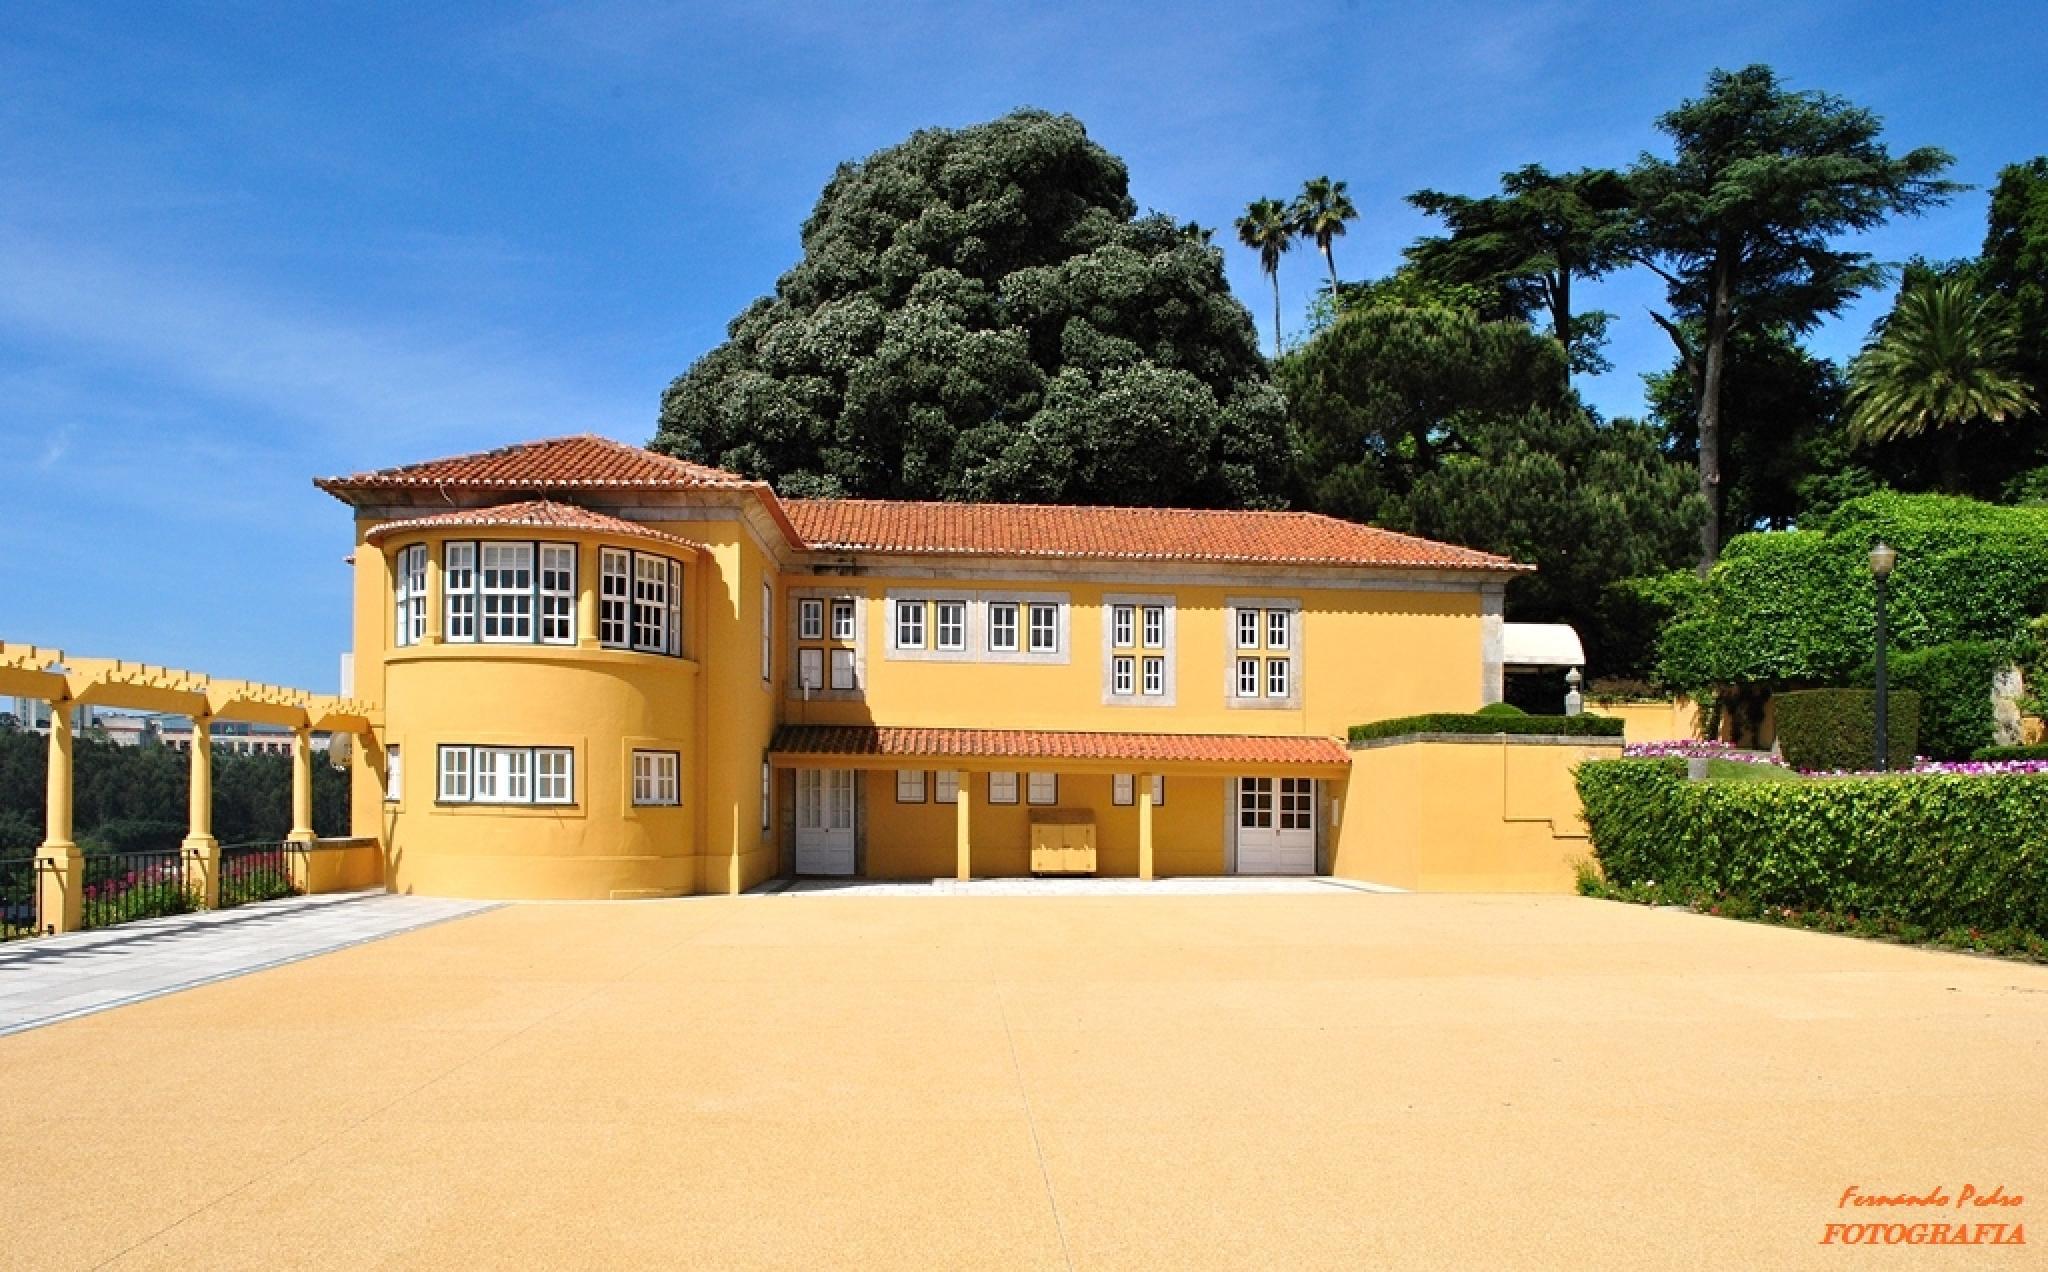 Roseiral House by FernandoPedro